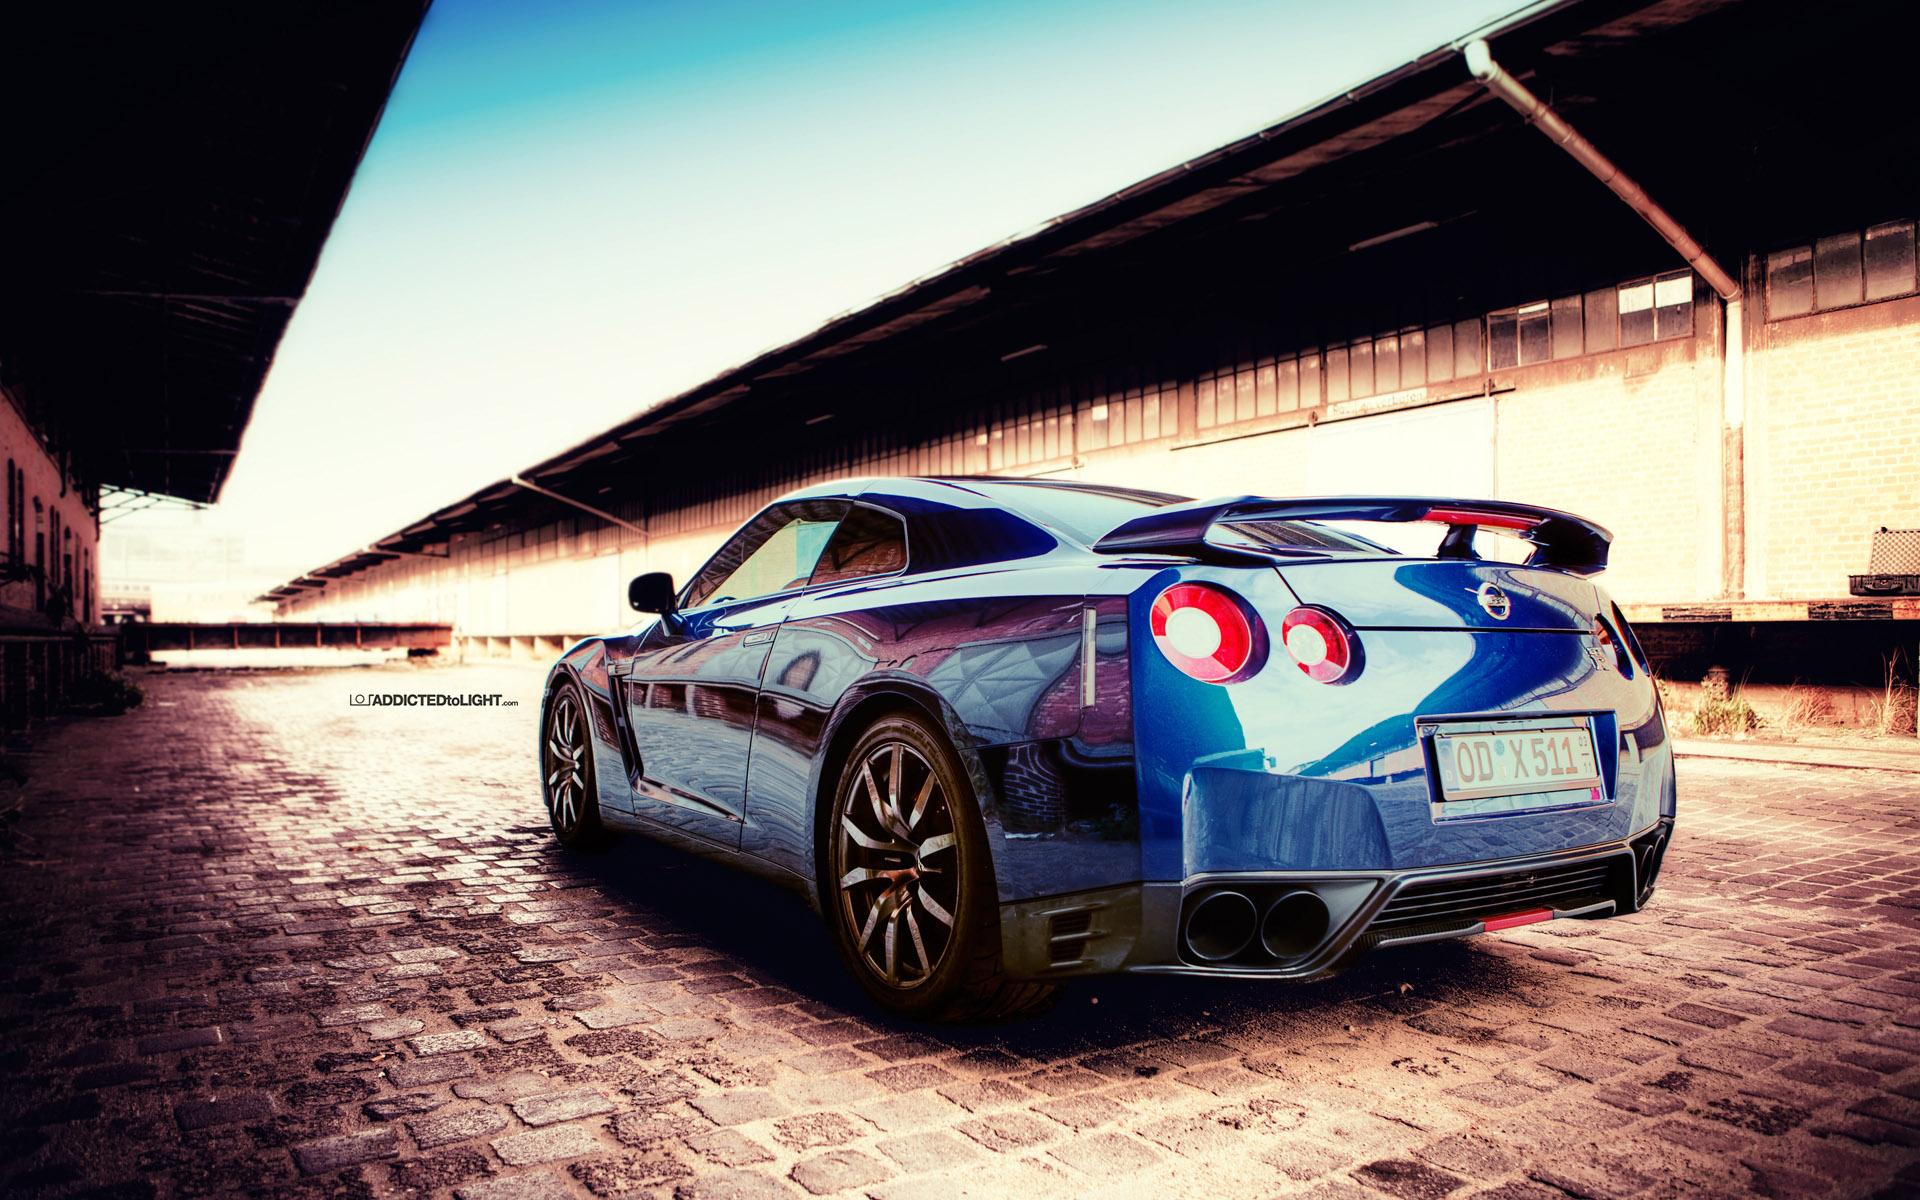 Невероятные и красивые обои, картинки - Nissan GT-R 5